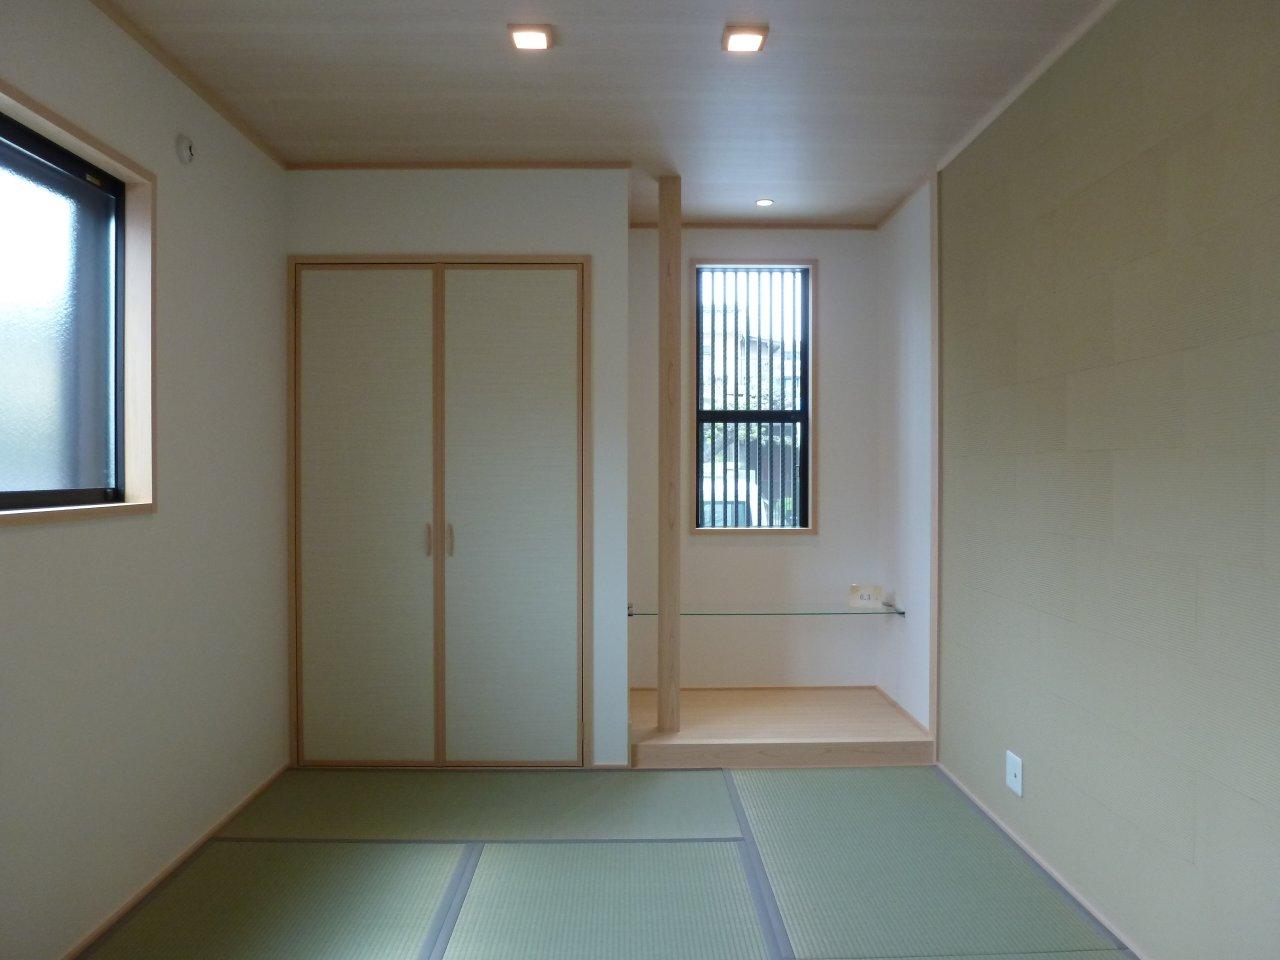 MELDIA岩塚駅~名古屋市中村区剣町の一戸建て~